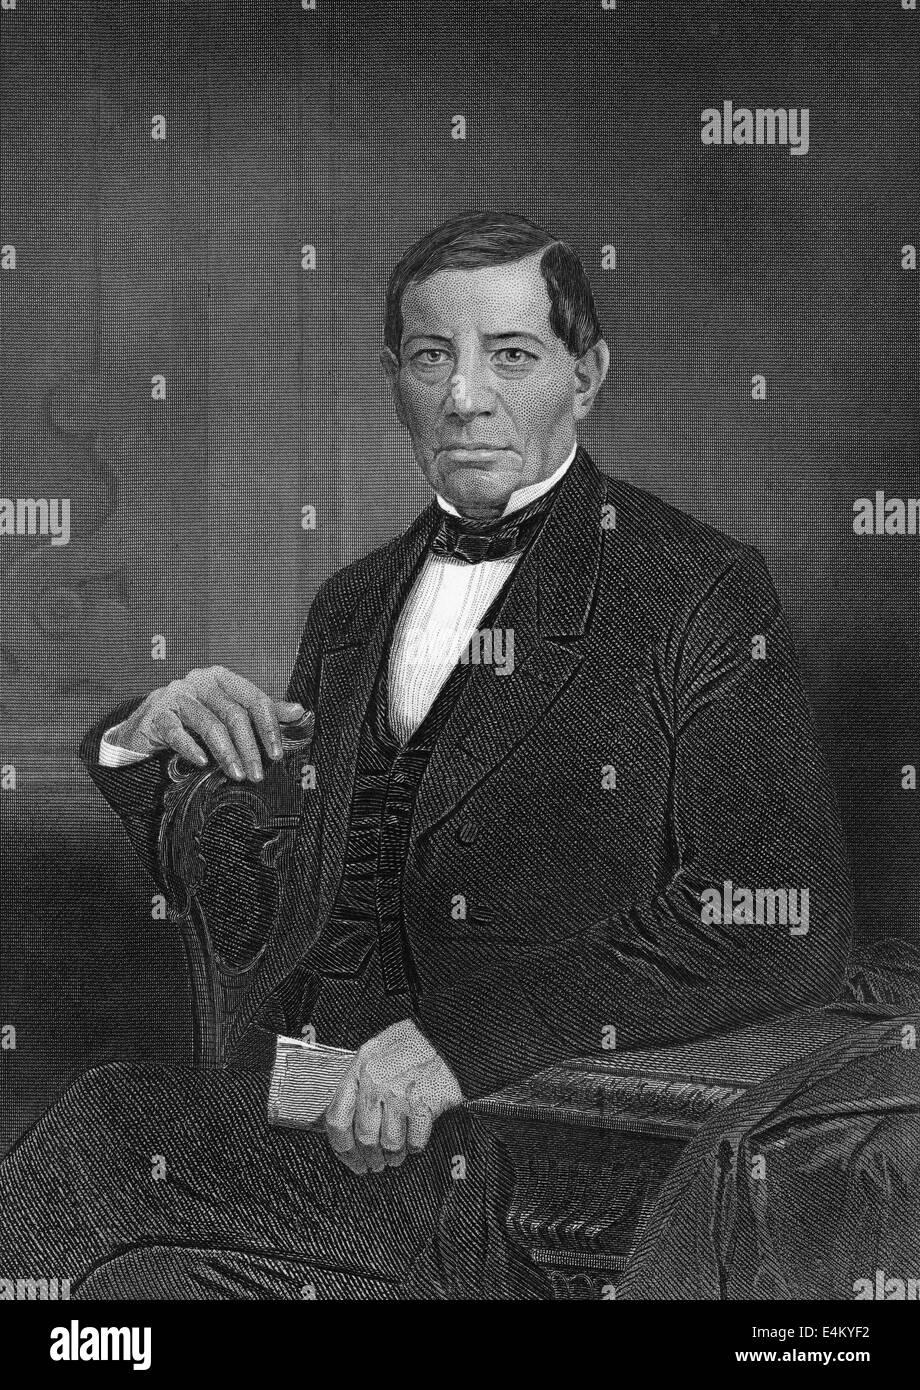 Benito Juárez García, 1806 - 1872, a Mexican statesman and president of Mexico, - Stock Image